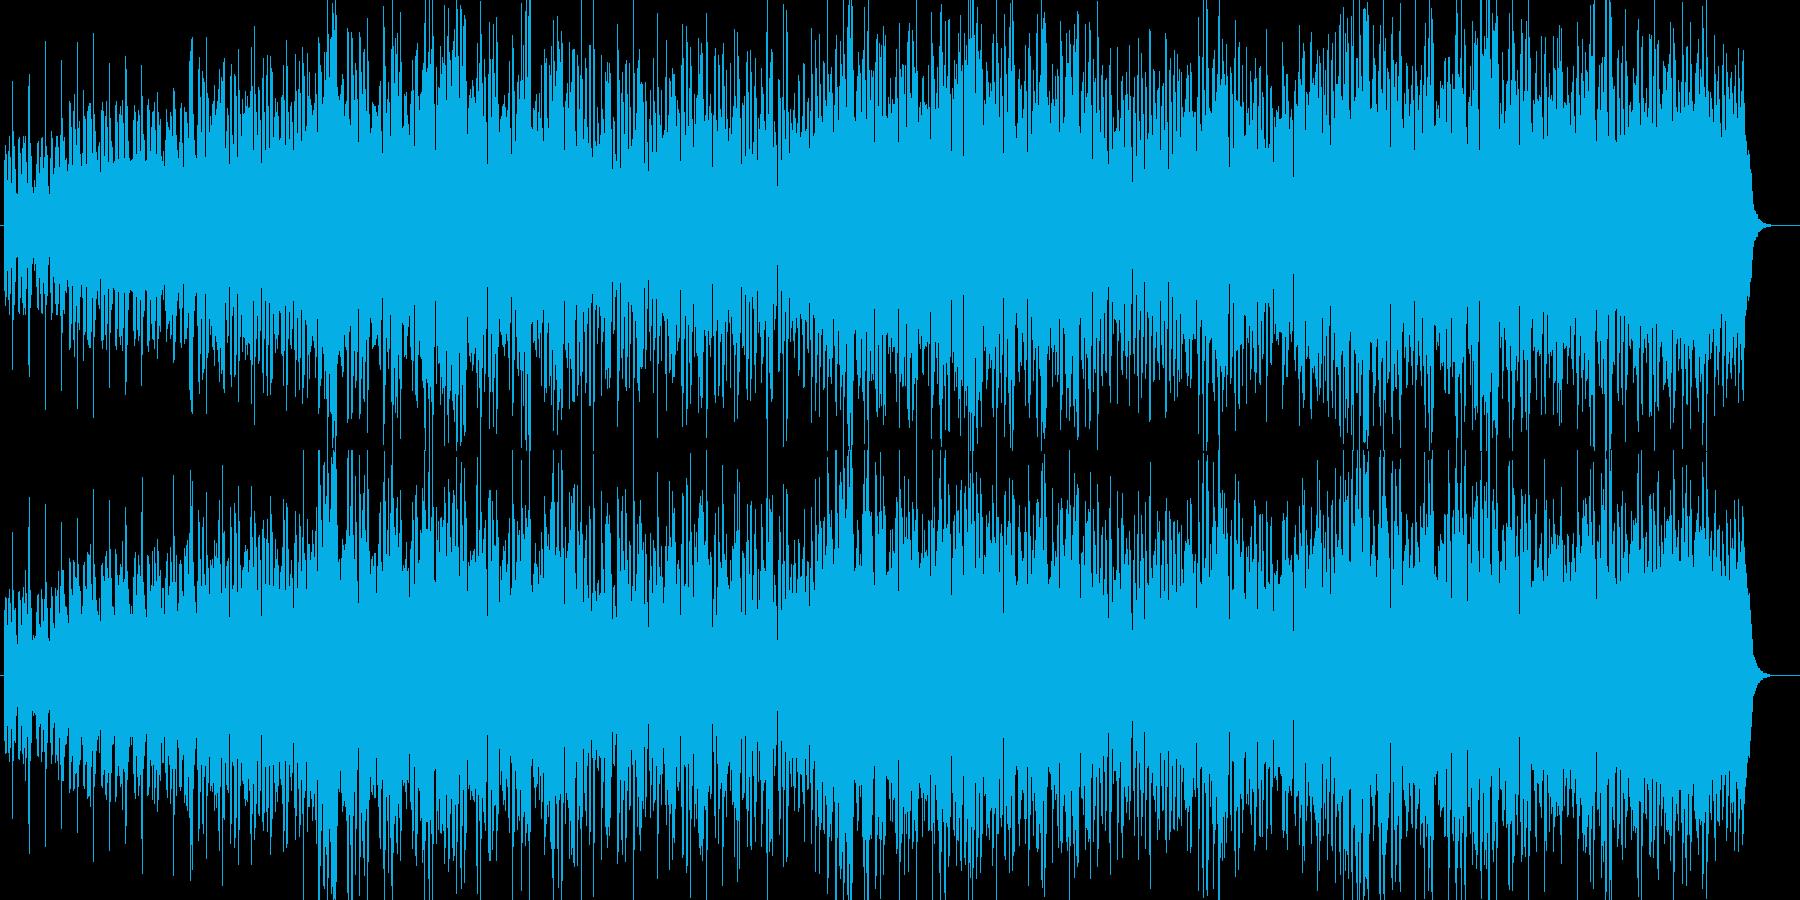 格闘技入場系マッチョなHIPHOPロックの再生済みの波形